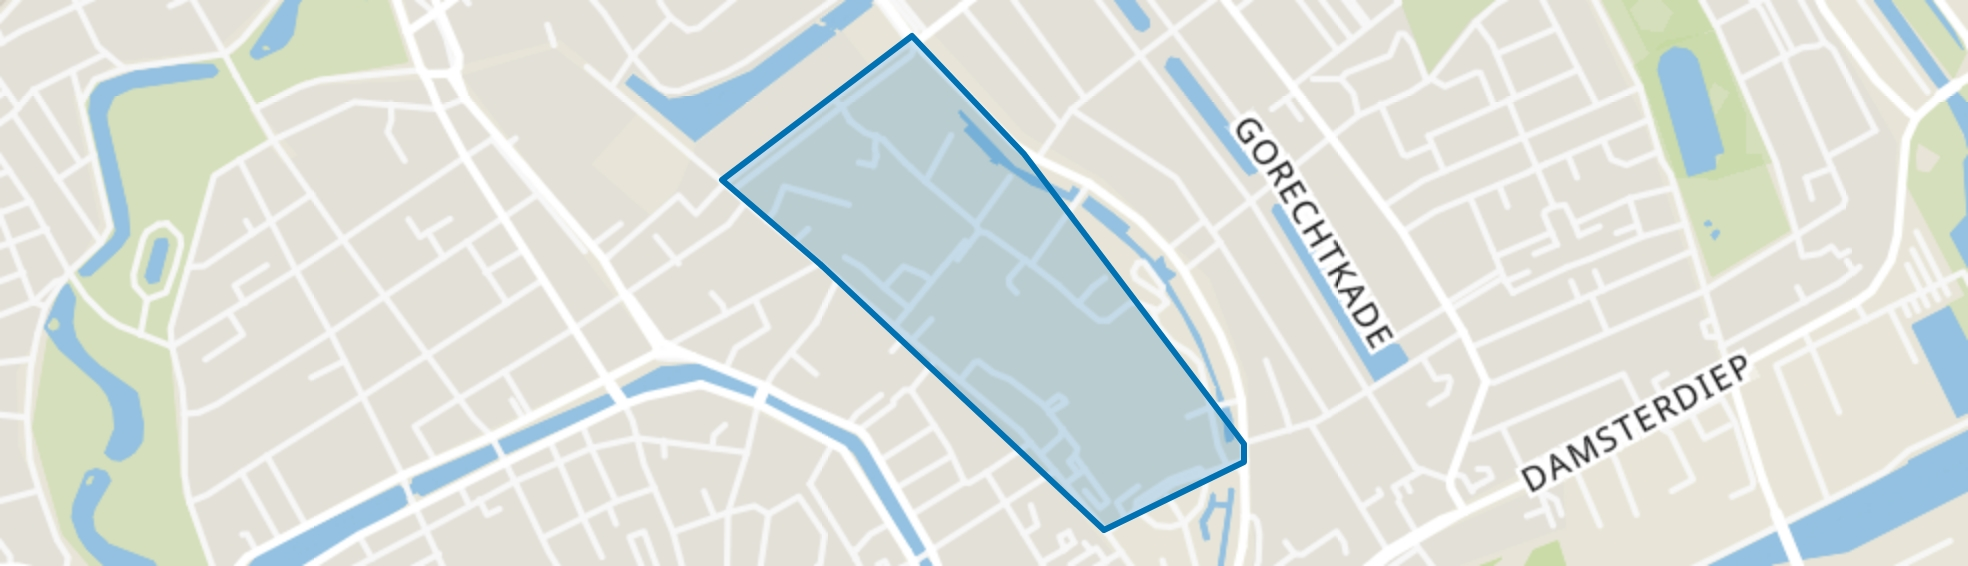 UMCG, Groningen map